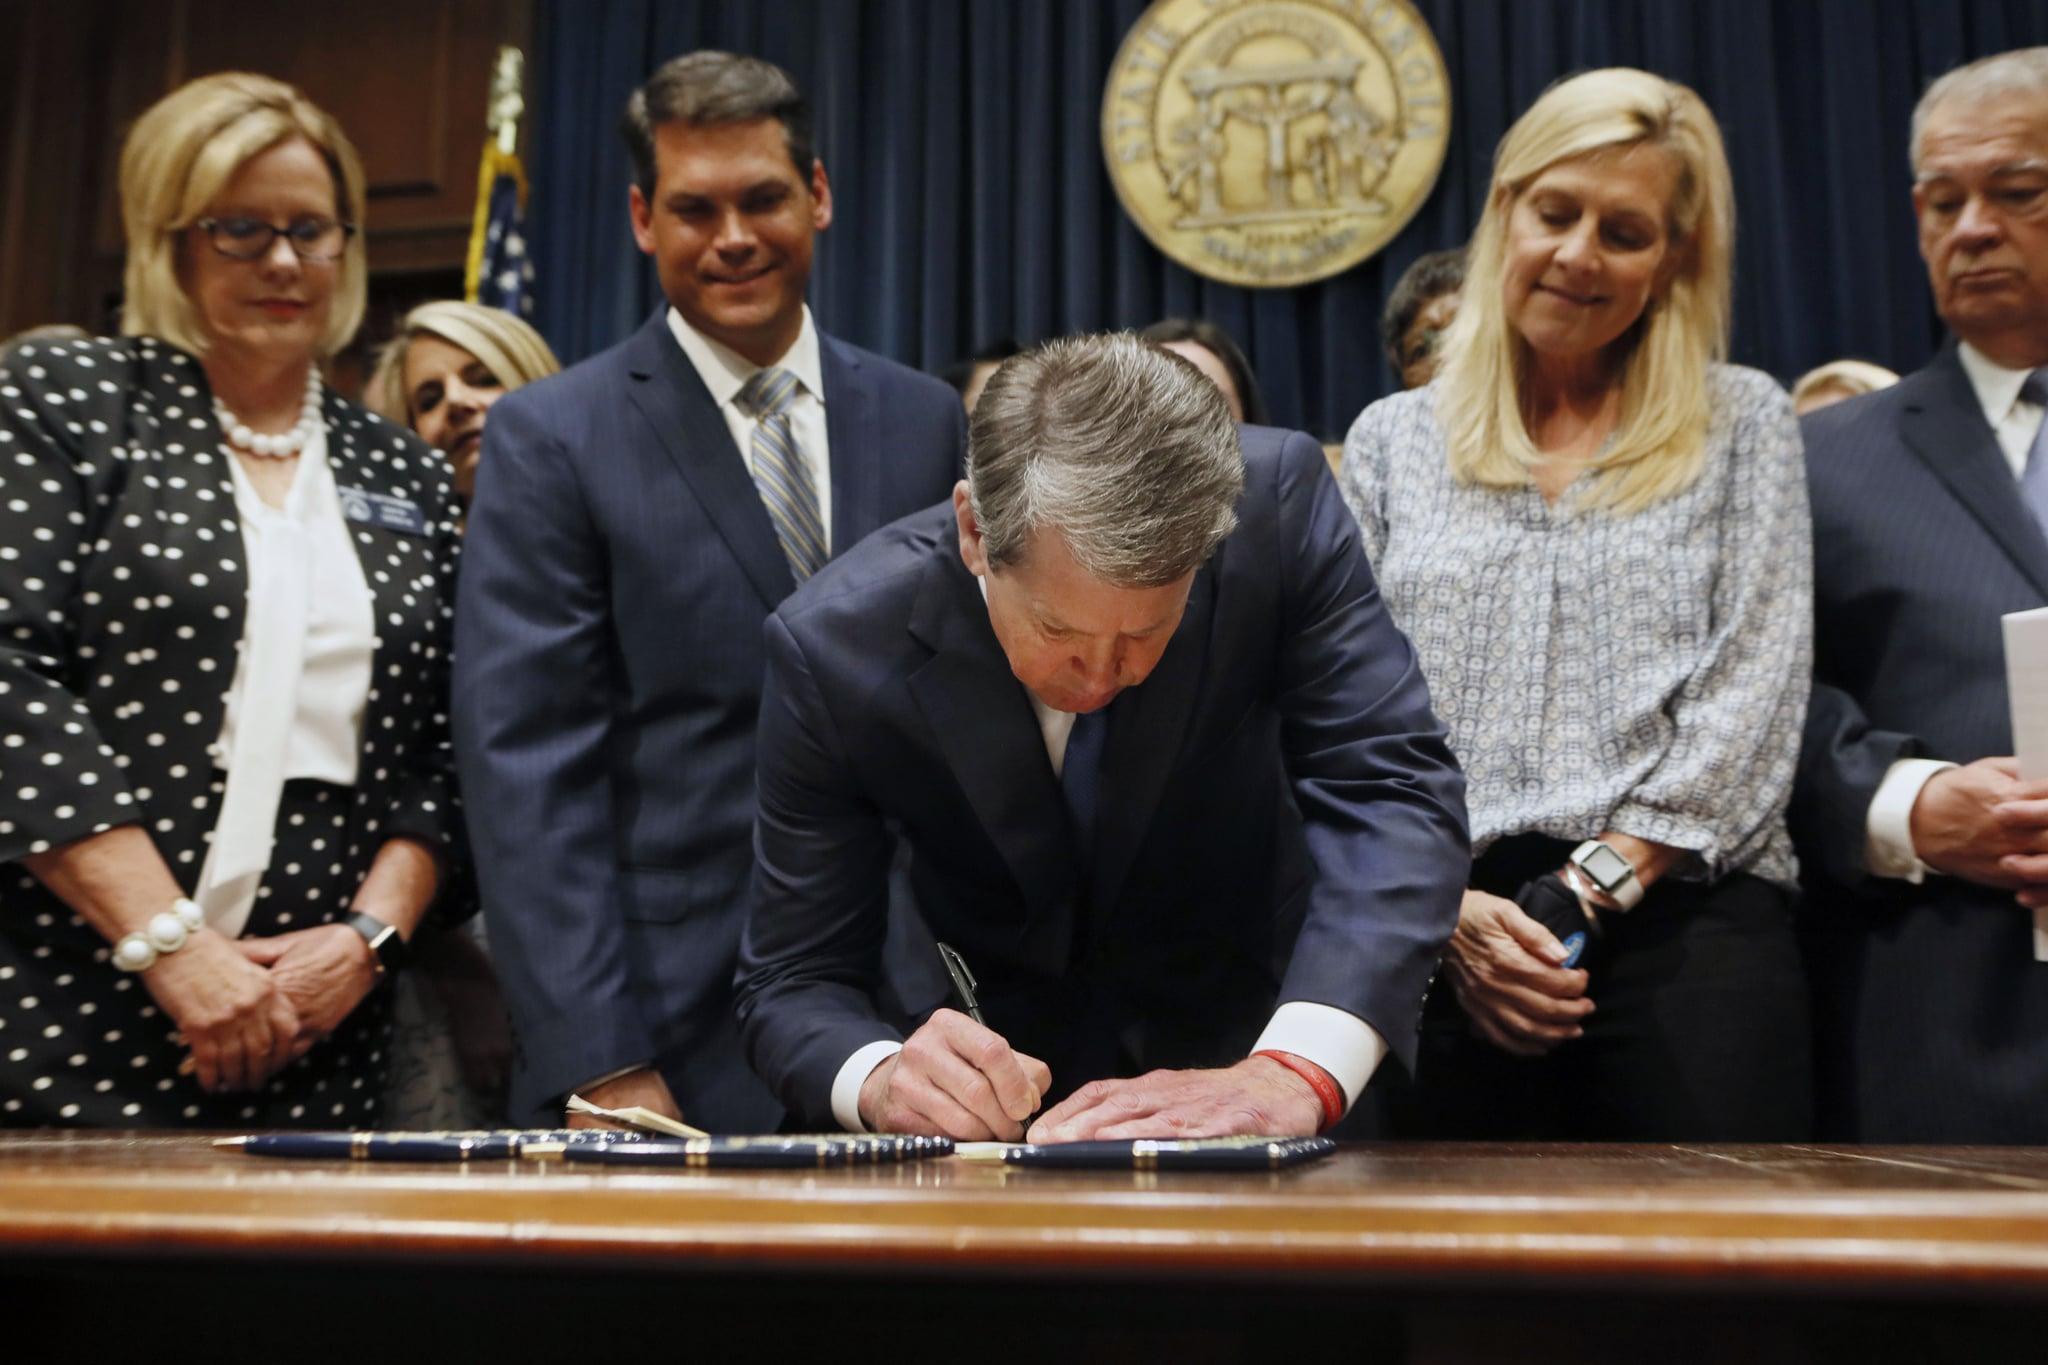 El gobernador de Georgia, Brian Kemp, promulga una propuesta de ley el martes 7 de mayo de 2019 en Atlanta, la cual prohíbe que se realice un aborto una vez que se pueda detectar el latido fetal, que puede ocurrir a las seis semanas del embarazo. (Bob Andres/Atlanta Journal-Constitution via AP)